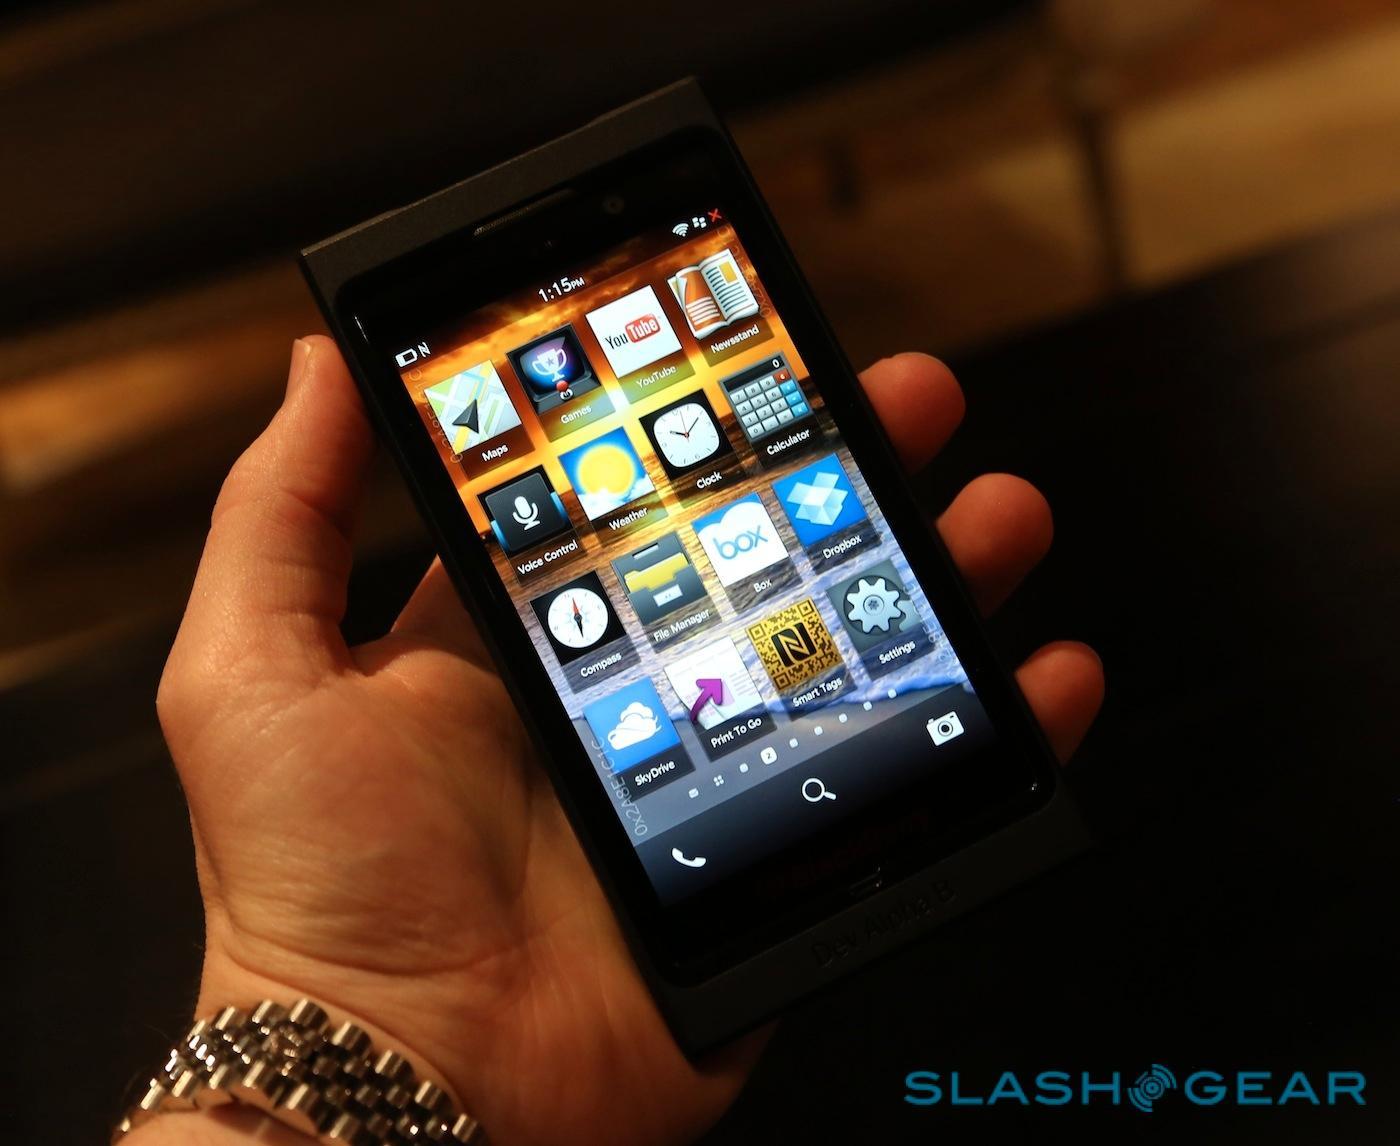 Nye BlackBerry 10 ser ut til å få en positiv men avventende respons fra verdens teknopresse. Vi tror operativsystemet blir en hit, så lenge ikke RIM har lagt inn så mange sikkerhetstiltak at telefonene blir vanskelige å bruke til tross for et godt operativsystem.